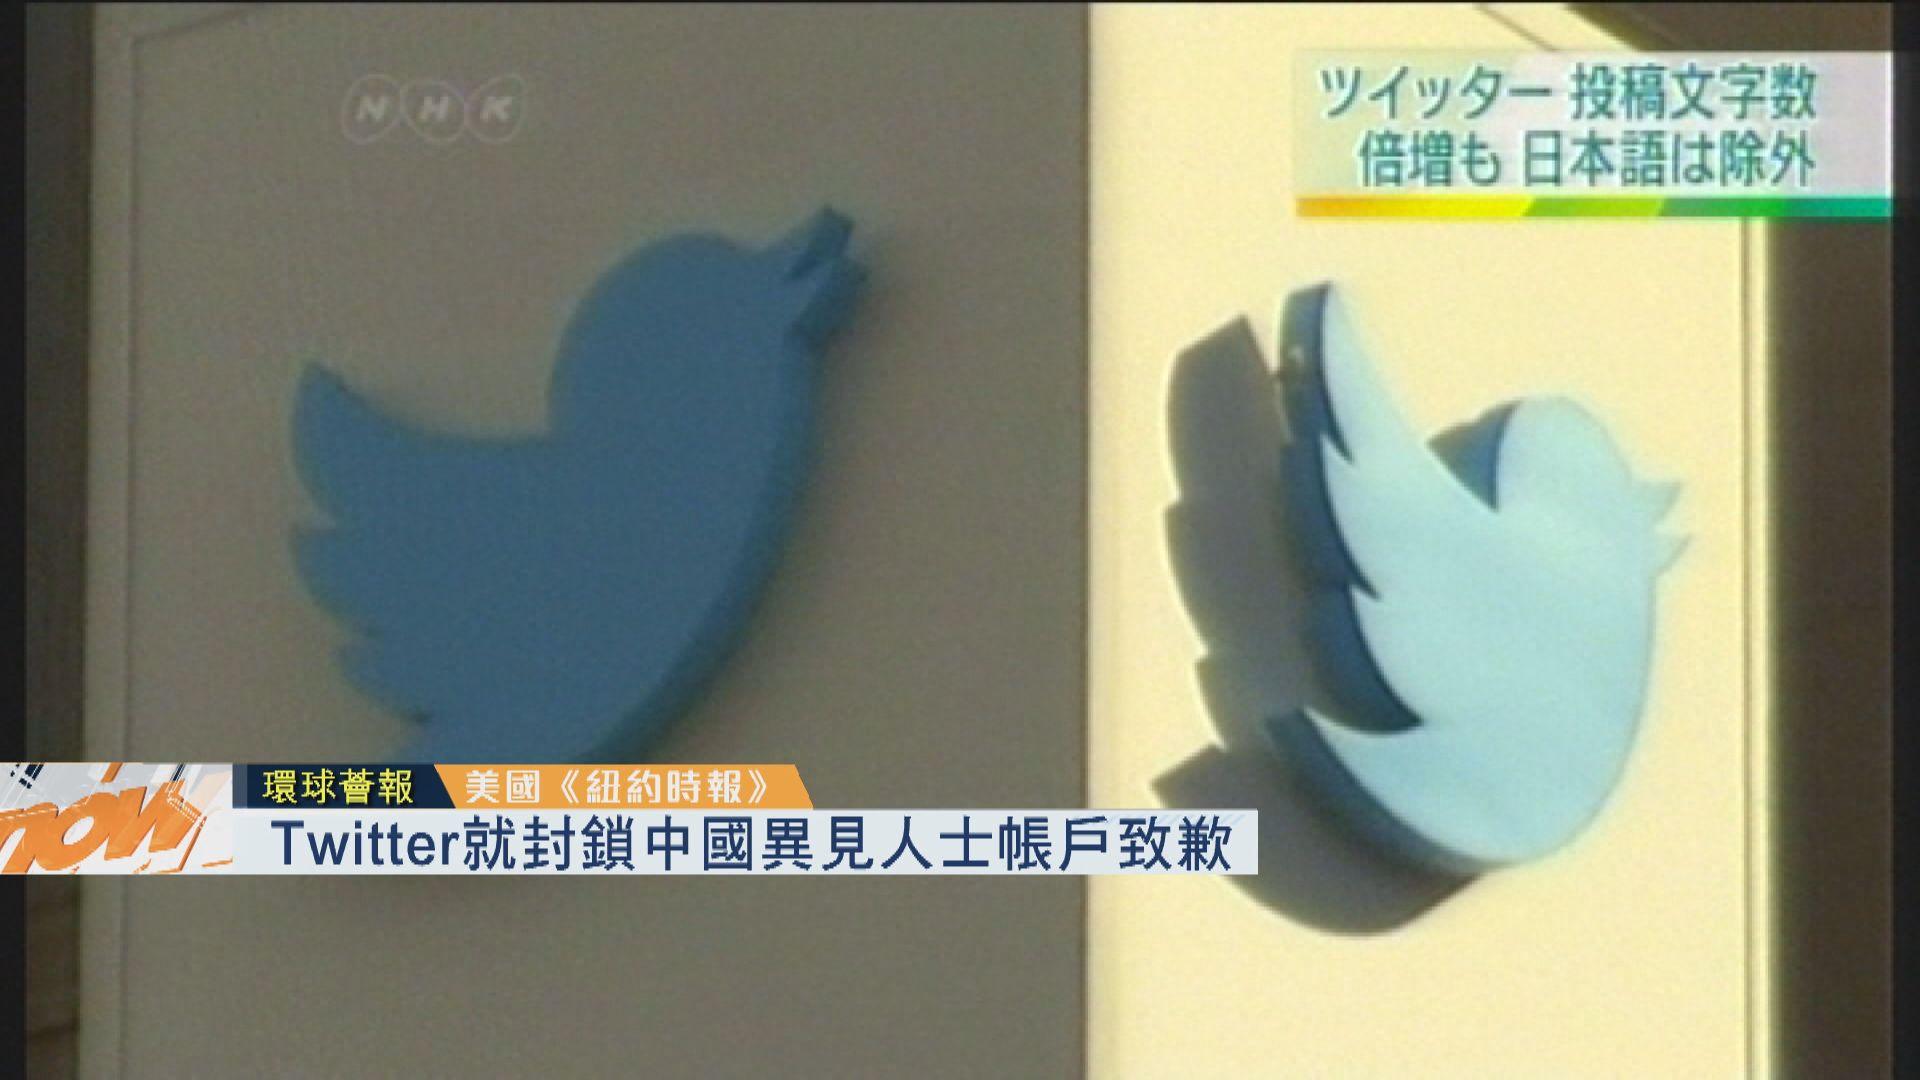 【環球薈報】Twitter就封鎖中國異見人士帳戶致歉